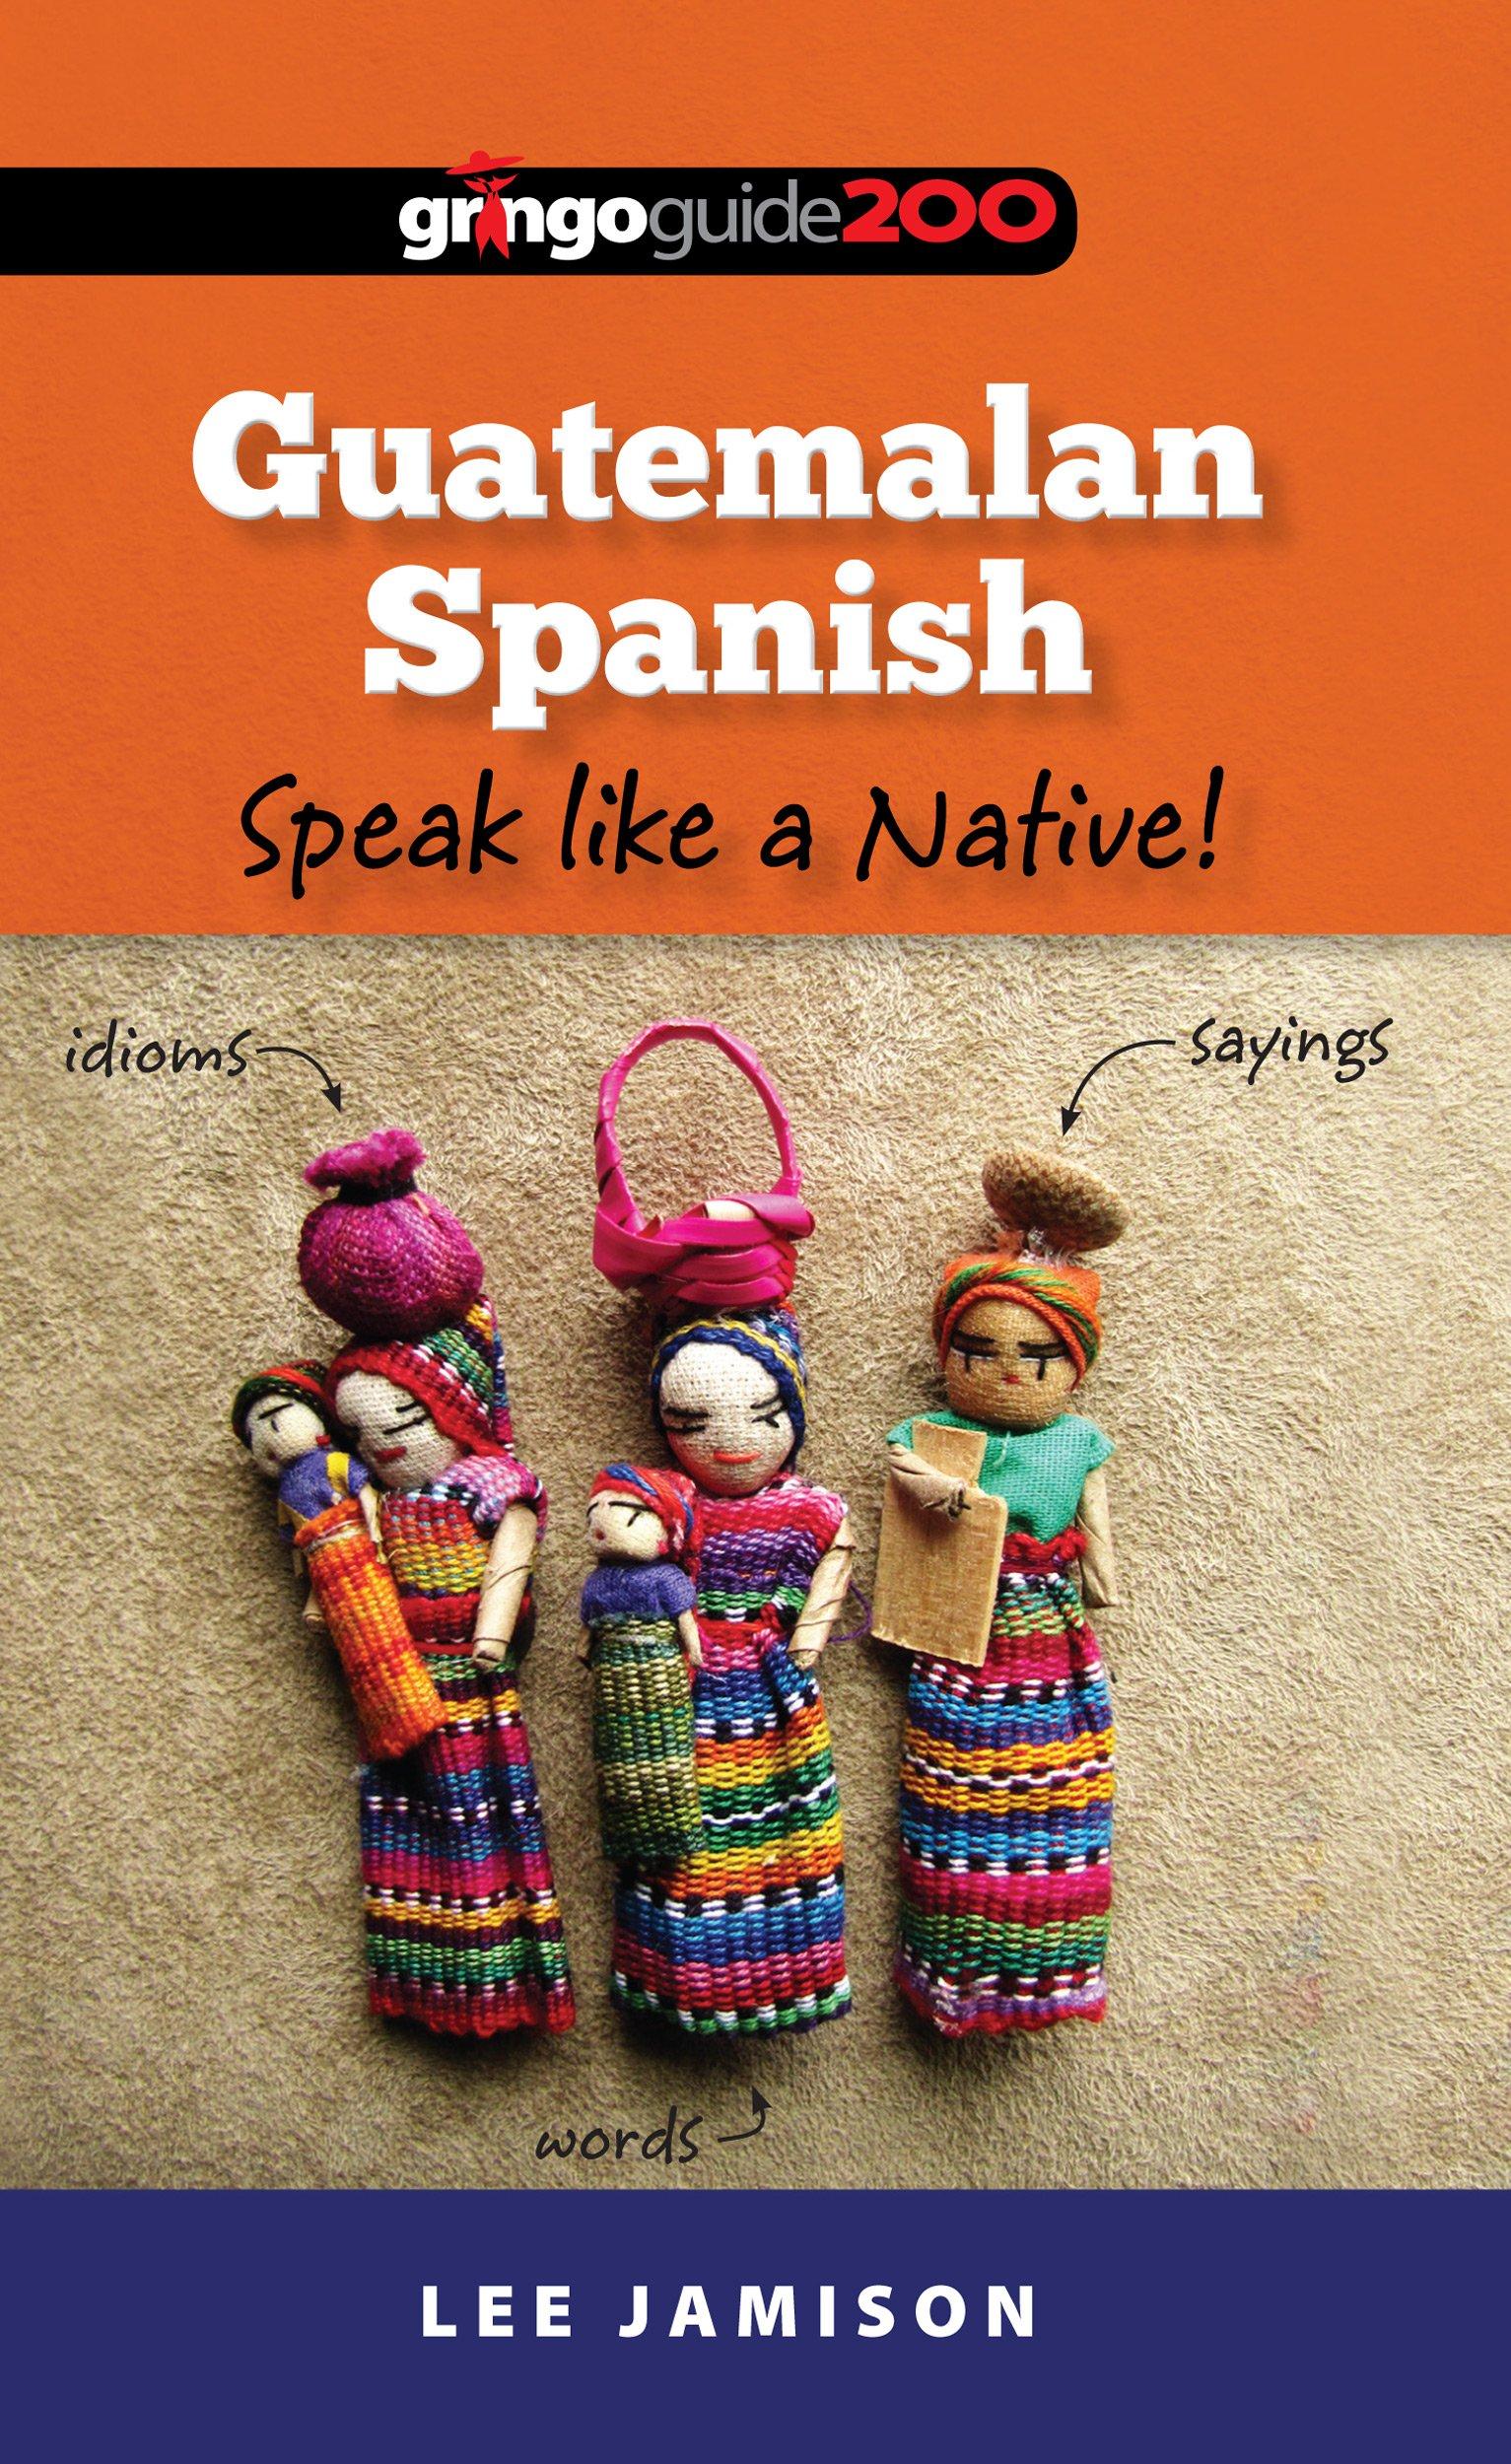 Guatemala - Cultura Smart! por Lisa Vaughn